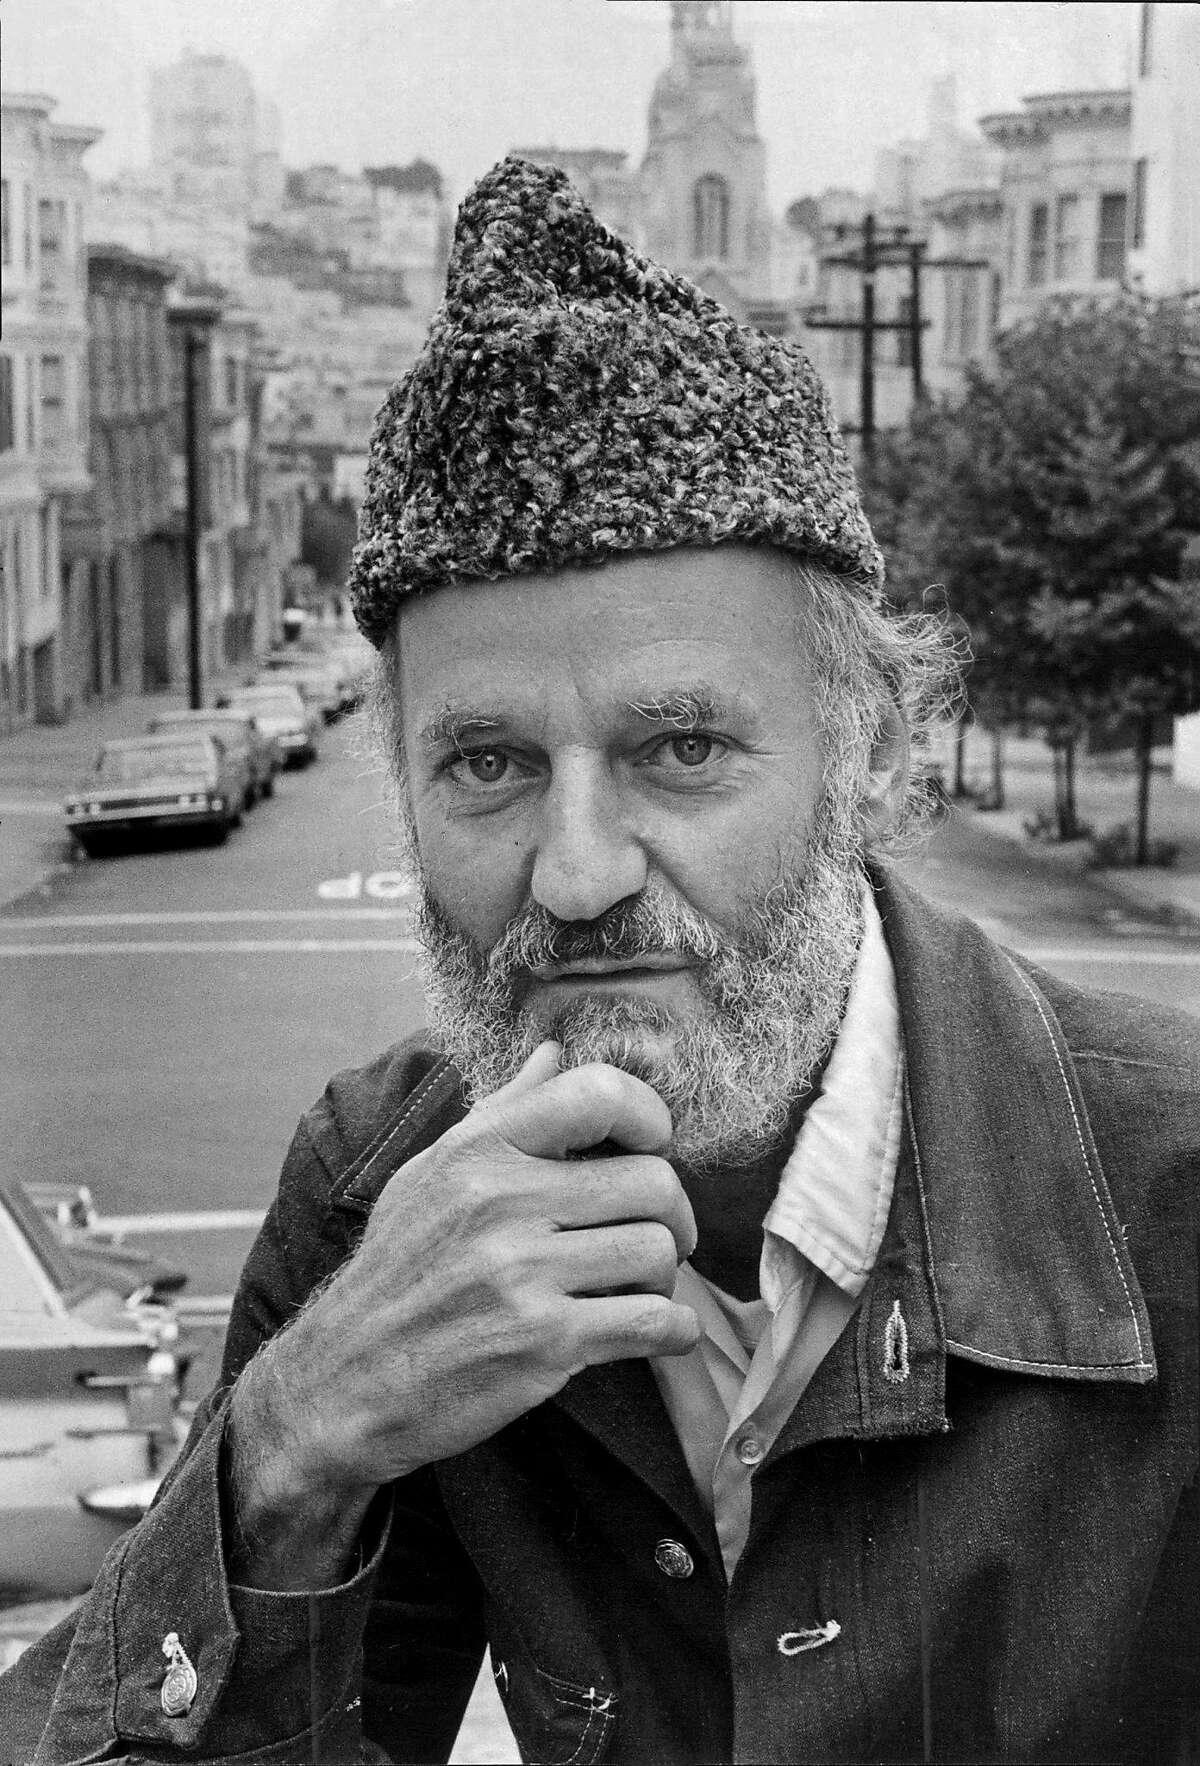 Lawrence Ferlinghetti in 1970